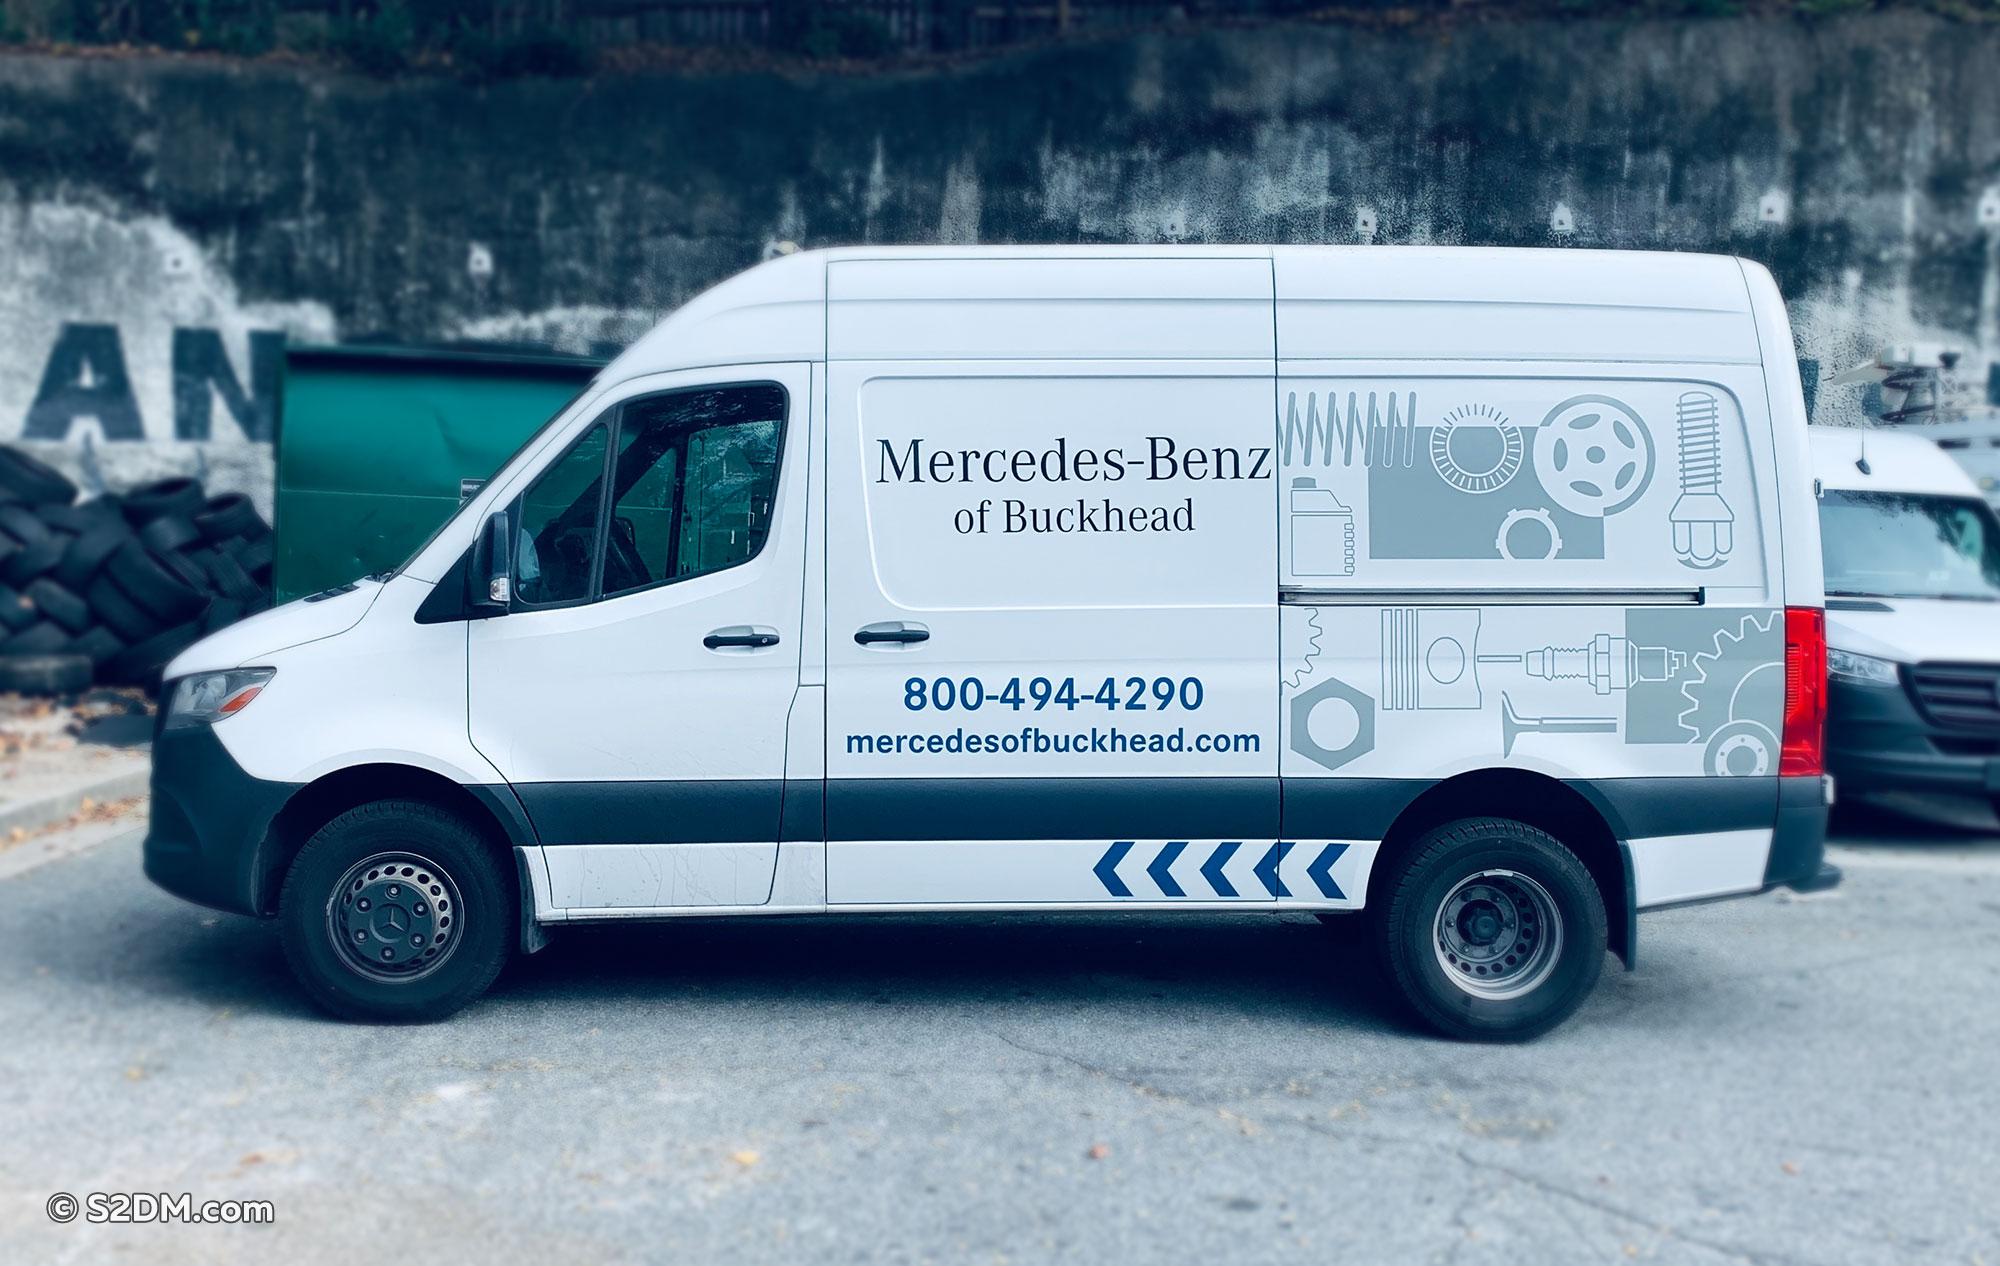 Sprinter Van Mercedes-Benz of Buckhead